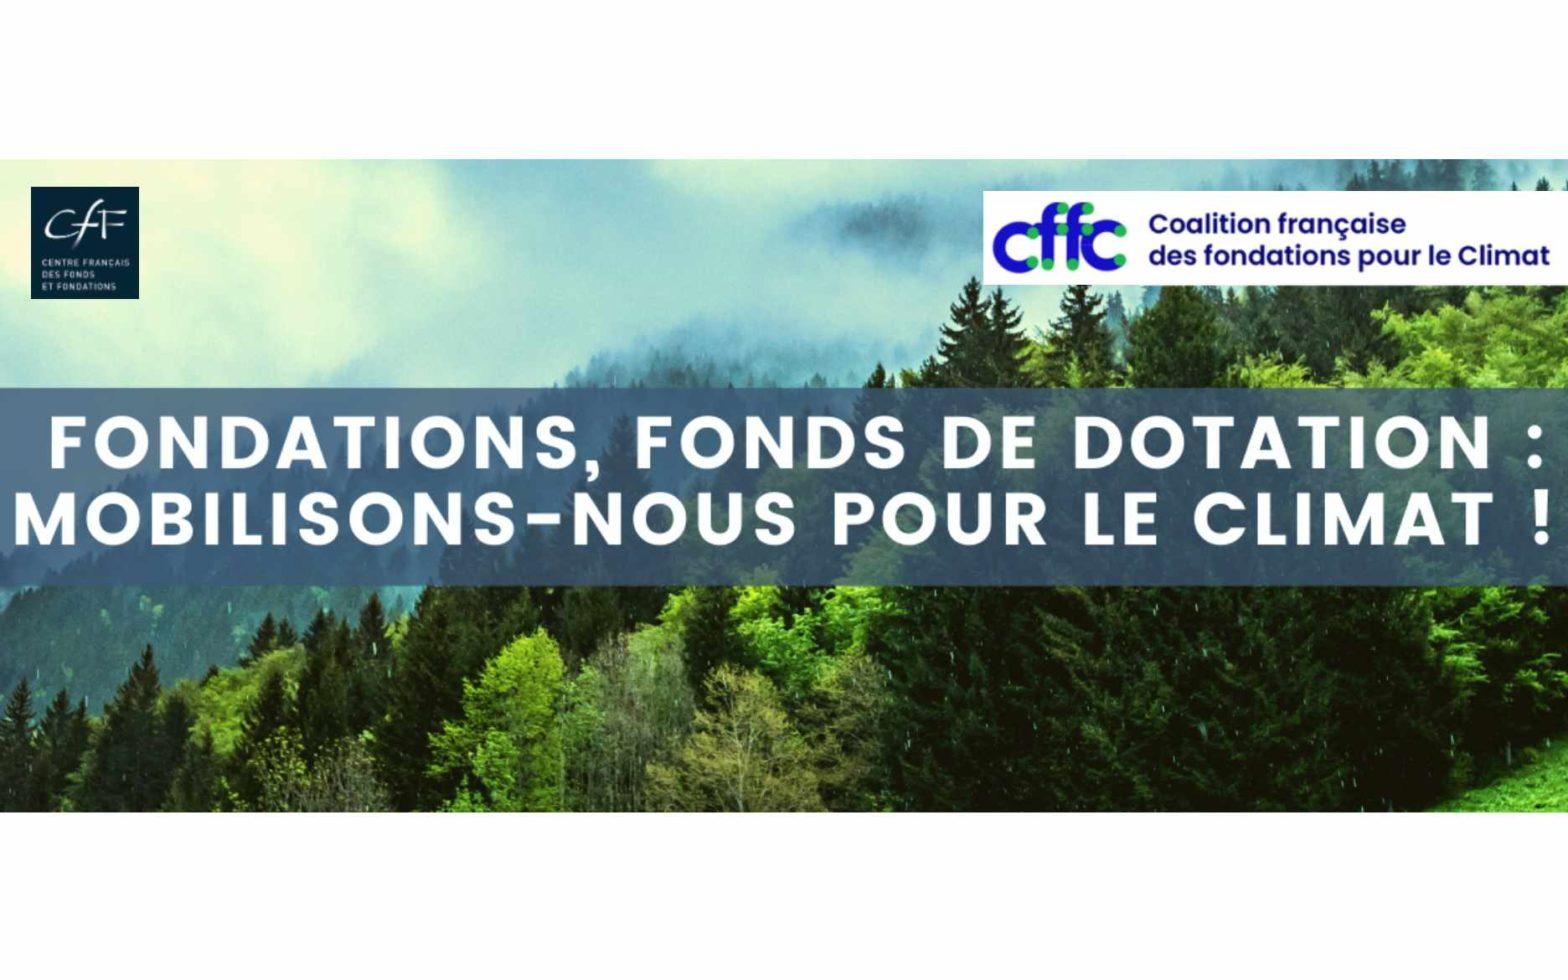 Fondation, fonds de dotation, mobilisons nous pour le climat